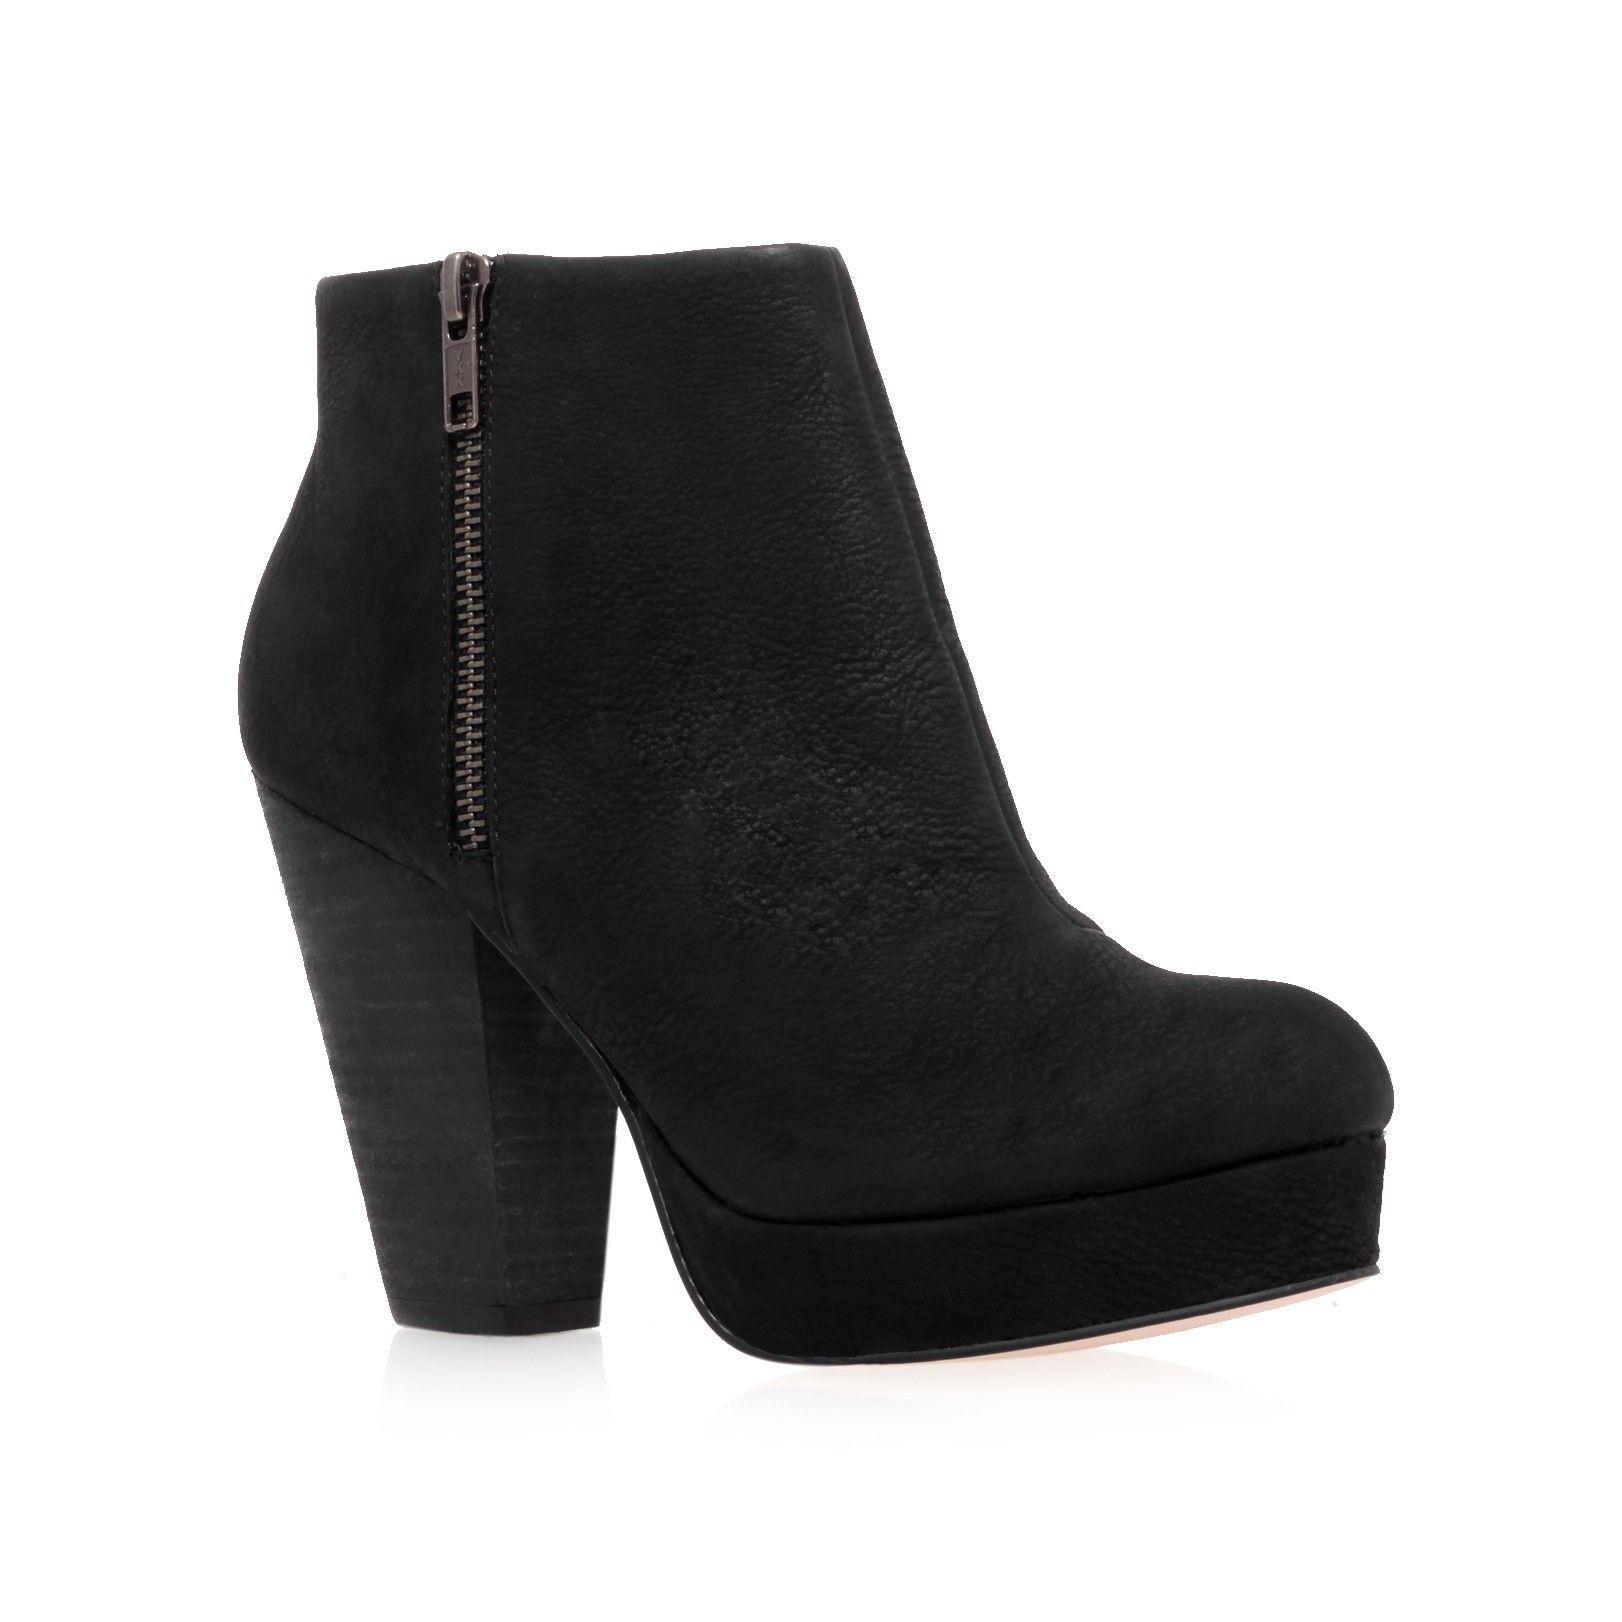 vera, black shoe by kg kurt geiger - women shoes boots | Style ...